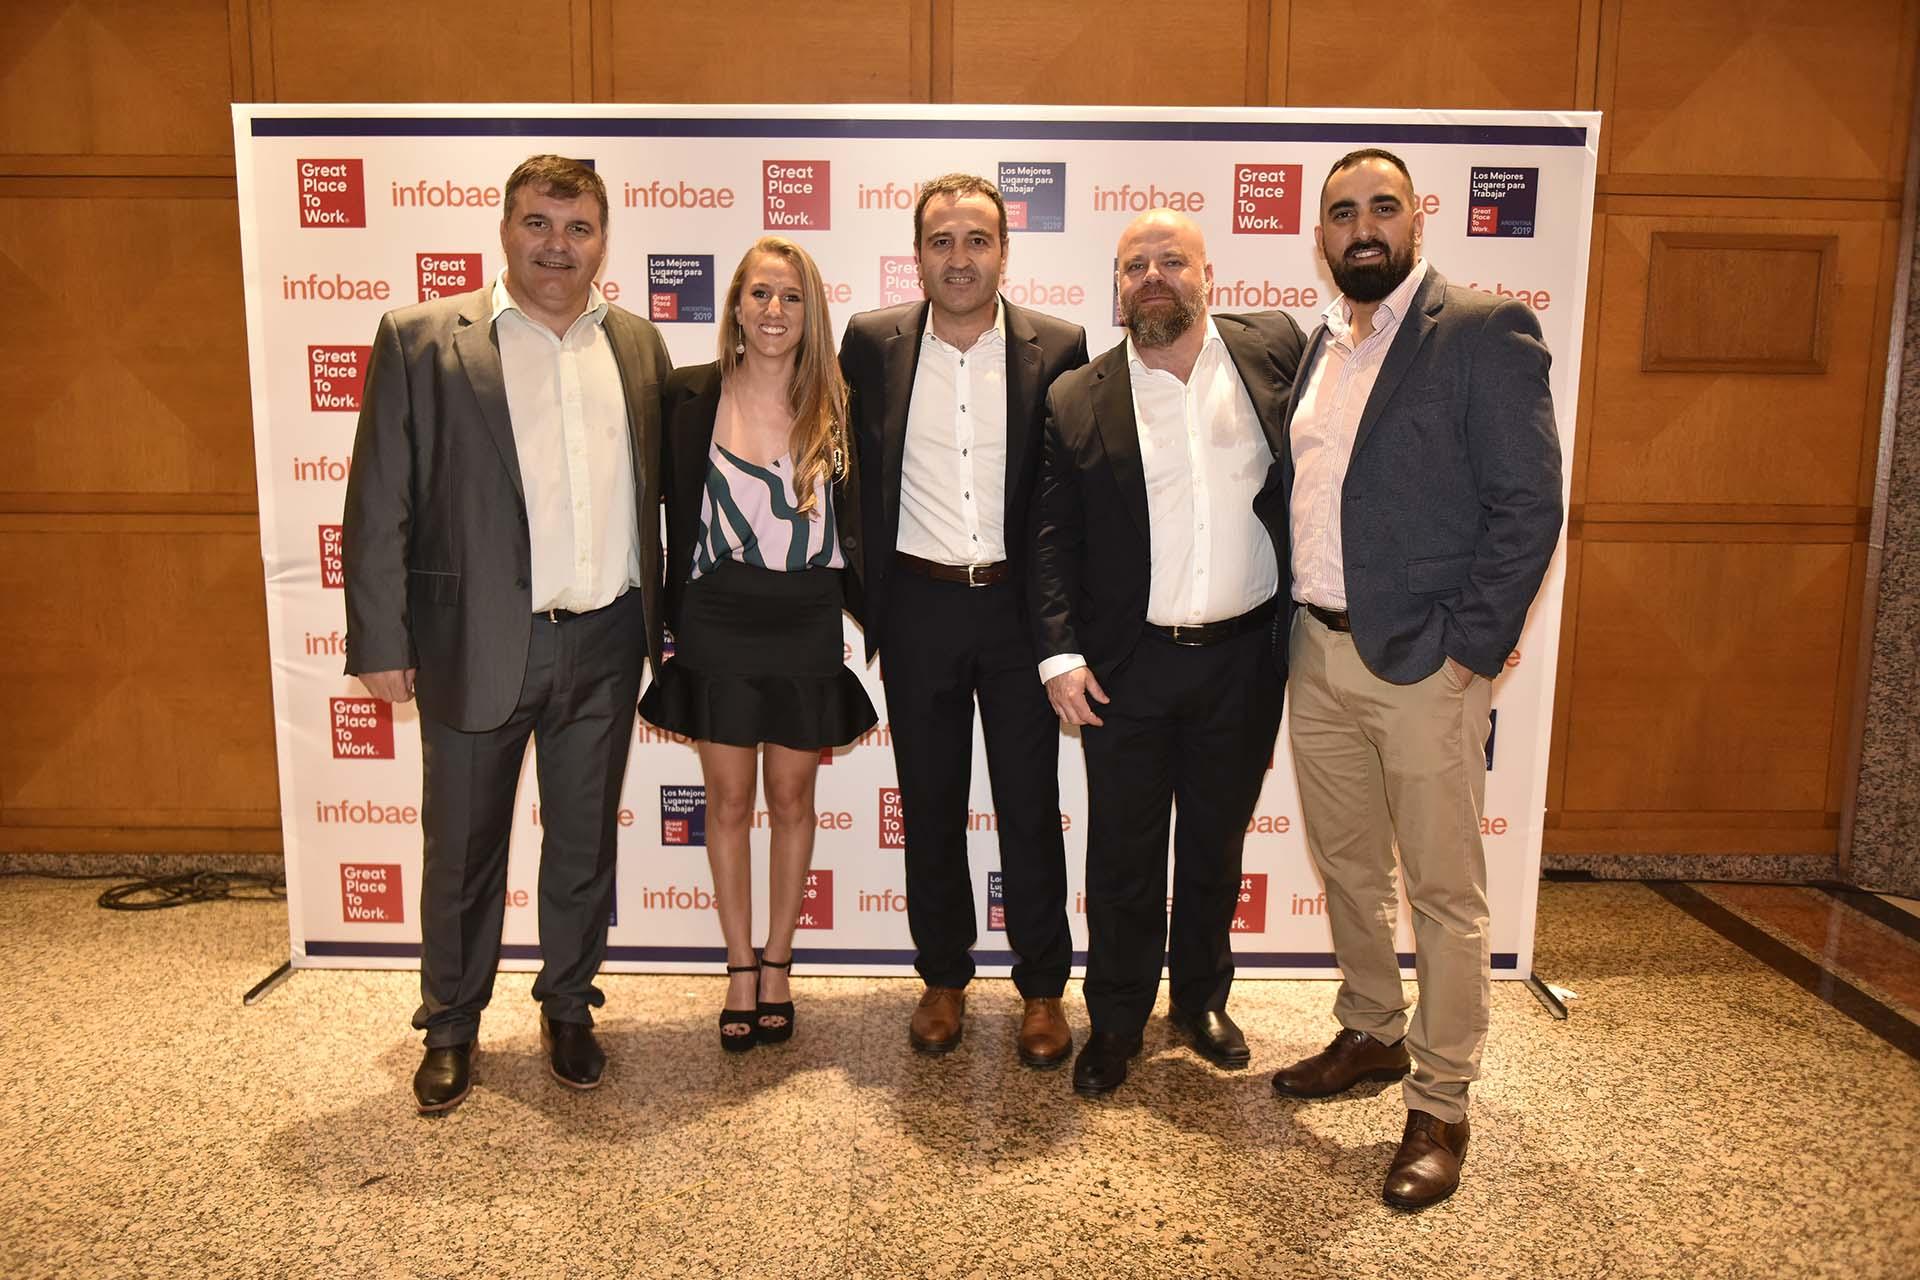 El equipo de Oldelval - Federico Zárate, gerente de confiabilidad; Adrián Mérida, gerente de operaciones; Hernán García, gerente de RRHH; Guadalupe Álvarez, analista de RRHH; Jorge Vugdelija, CEO